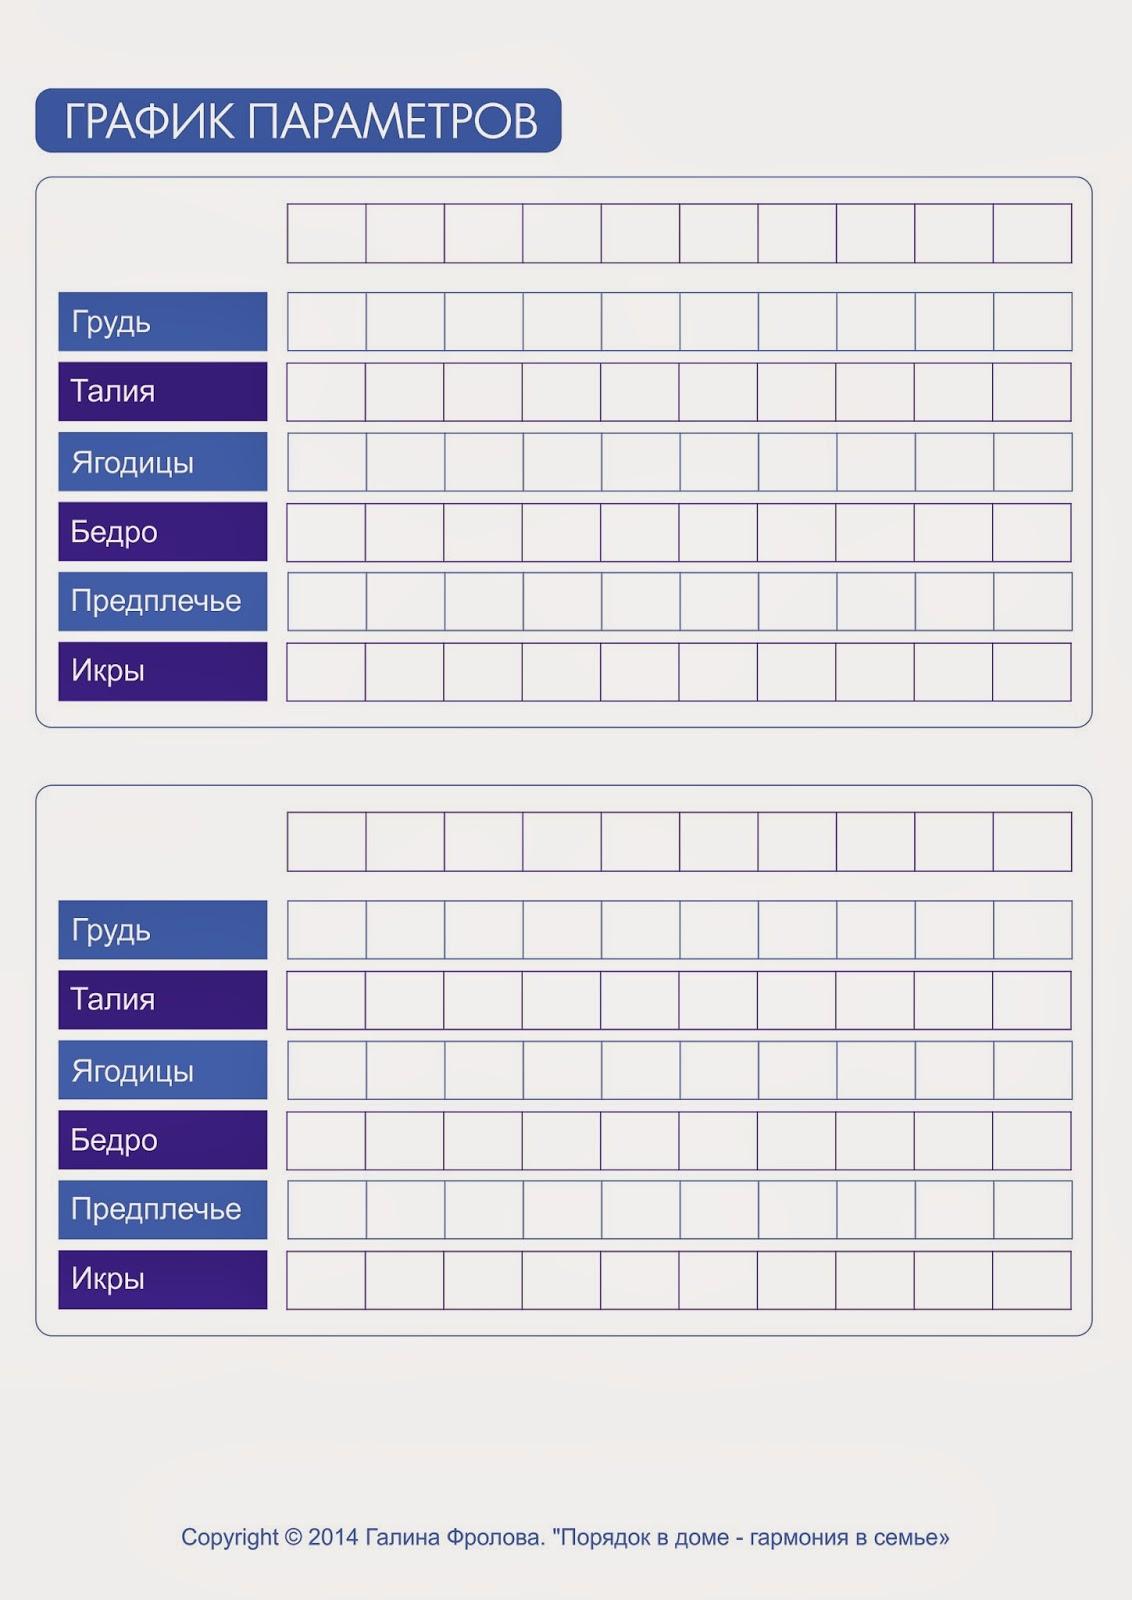 Порядок и гармония Контрольный журнал Раздел Здоровье График  График веса и параметров